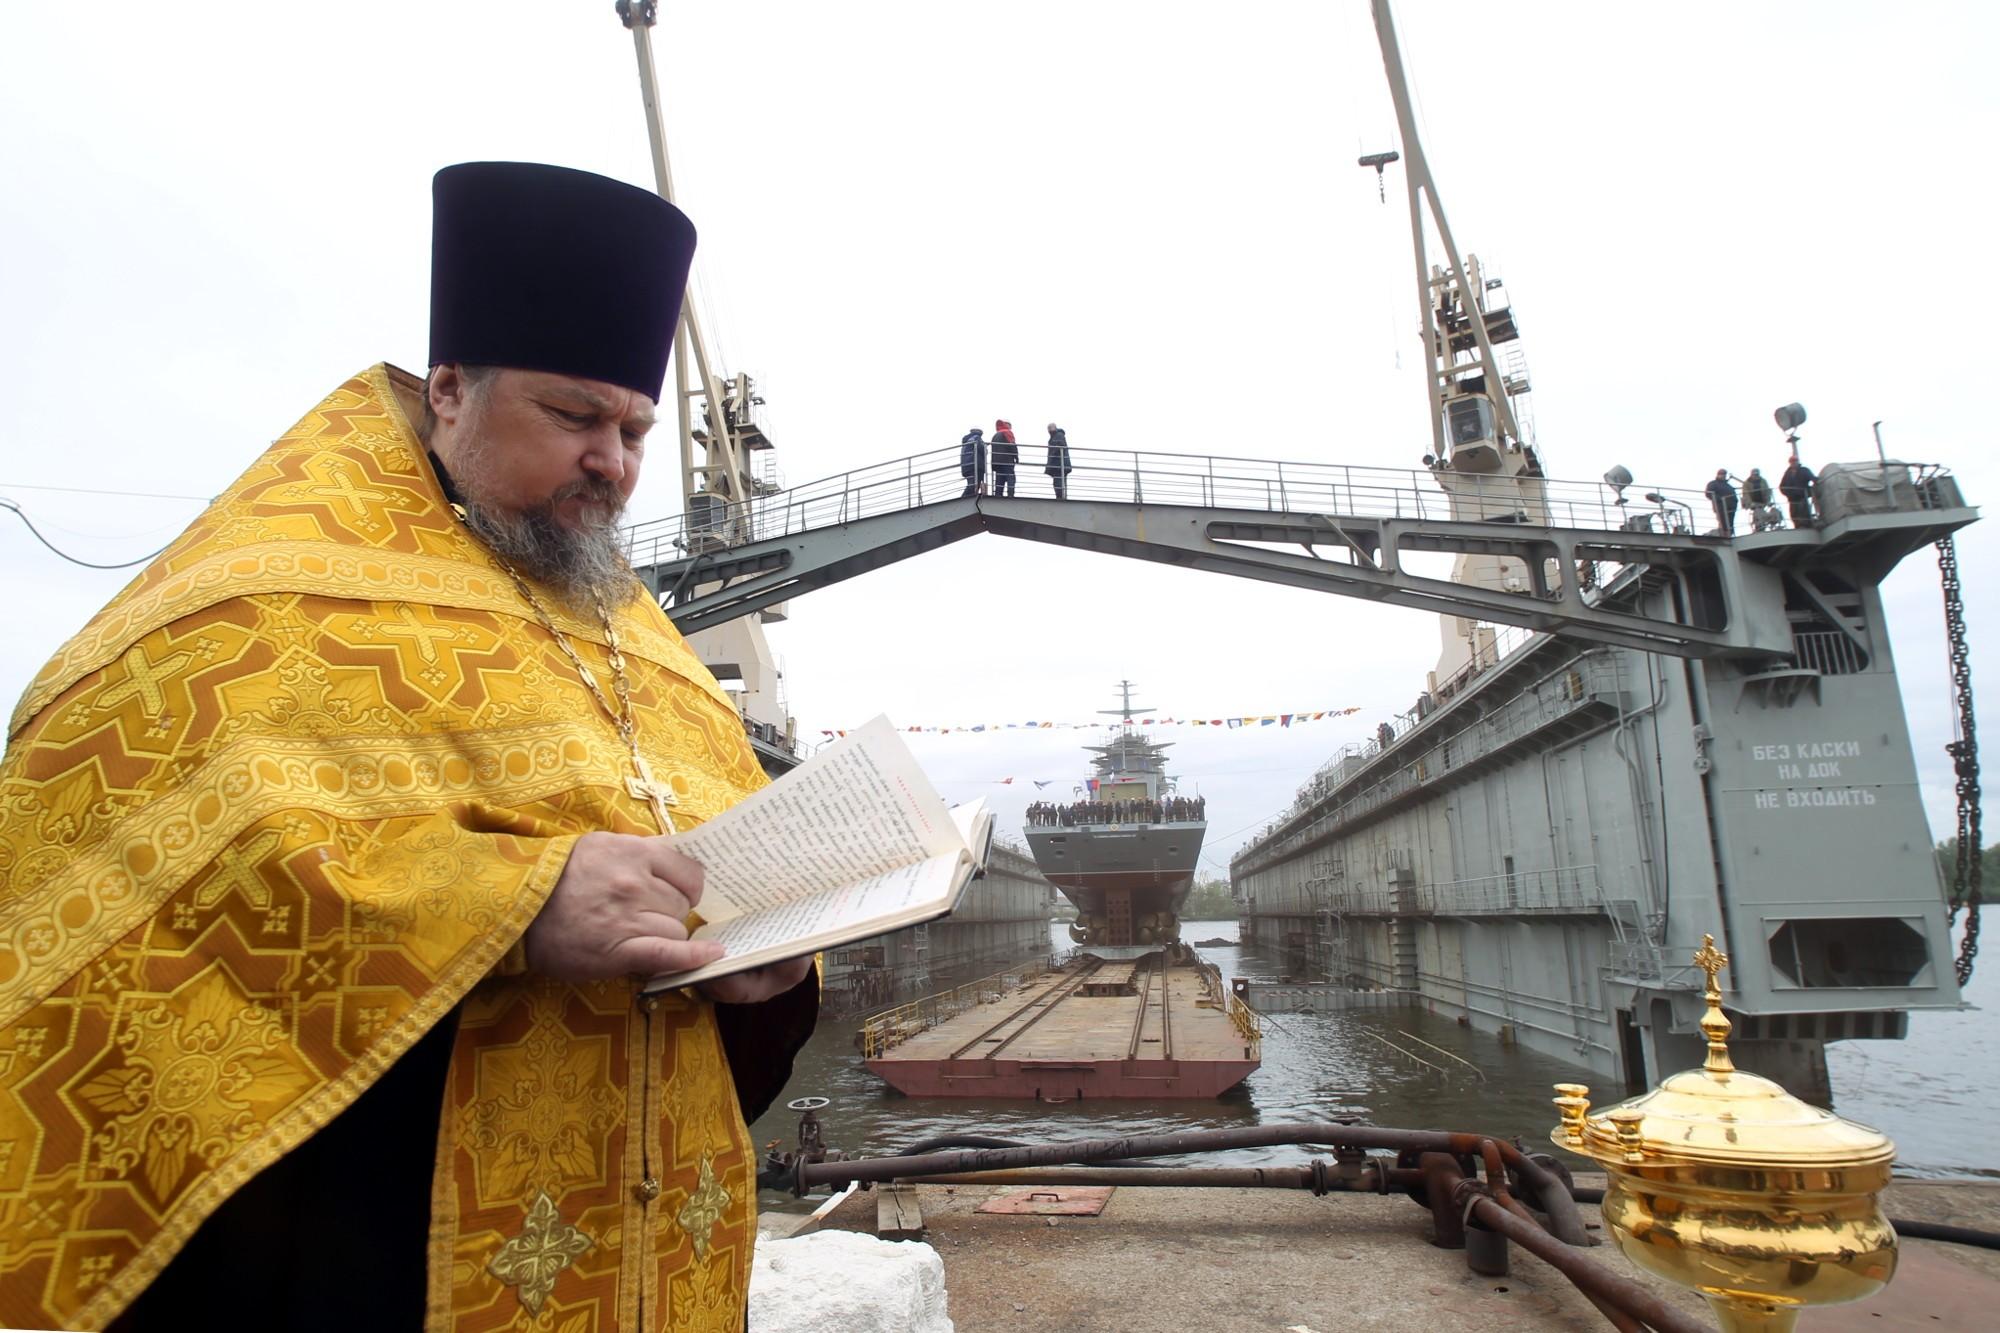 корвет Гремящий боевой корабль судостроительный завод Северная верфь судостроение кораблестроение священник освящение